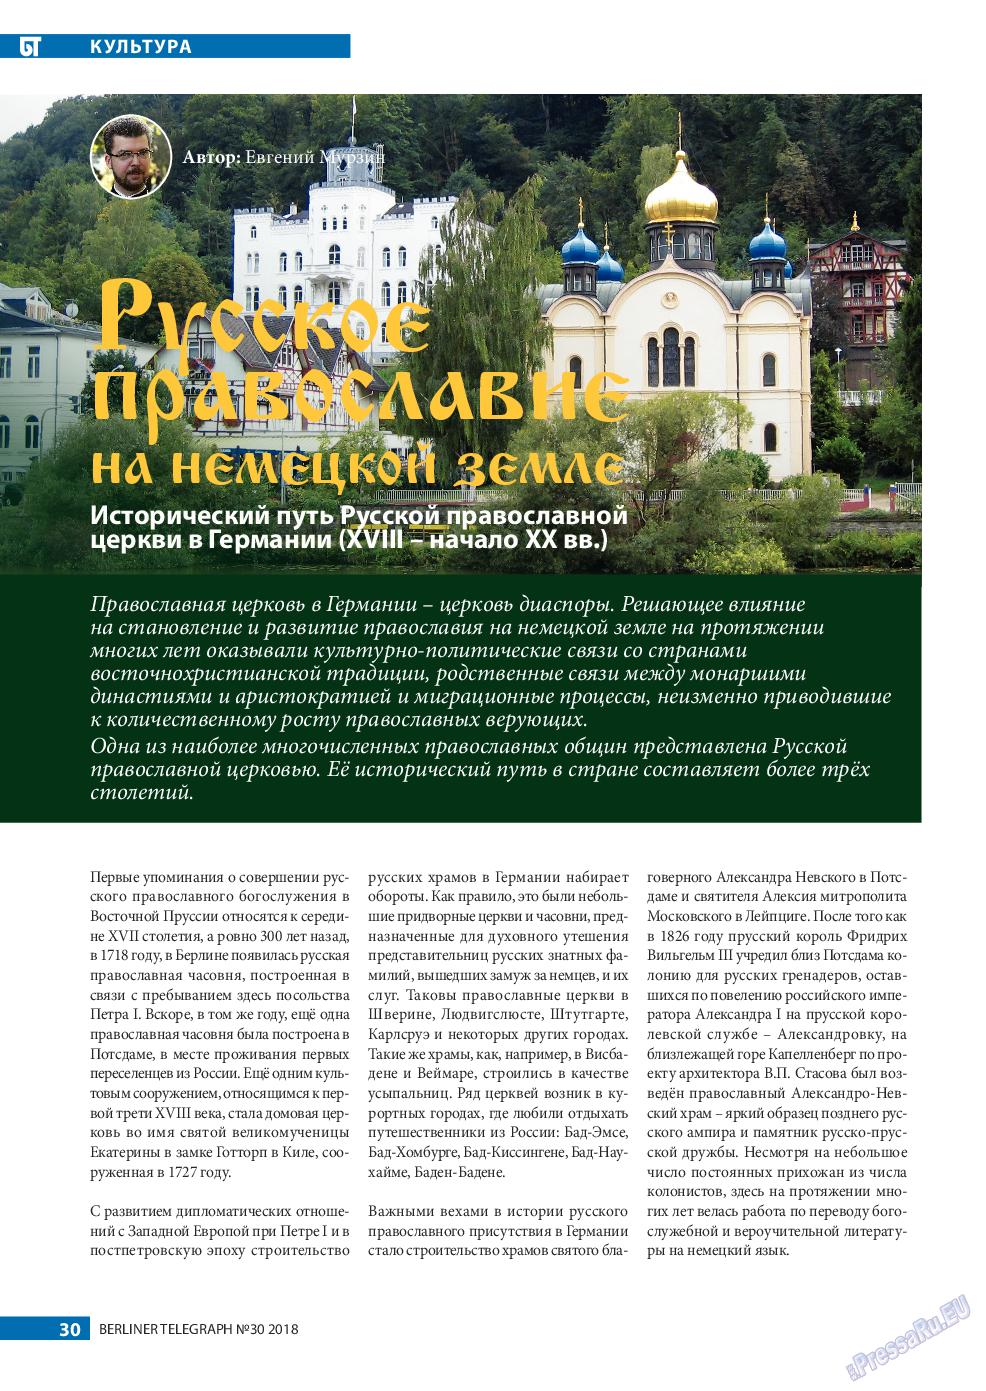 Берлинский телеграф (журнал). 2018 год, номер 30, стр. 30